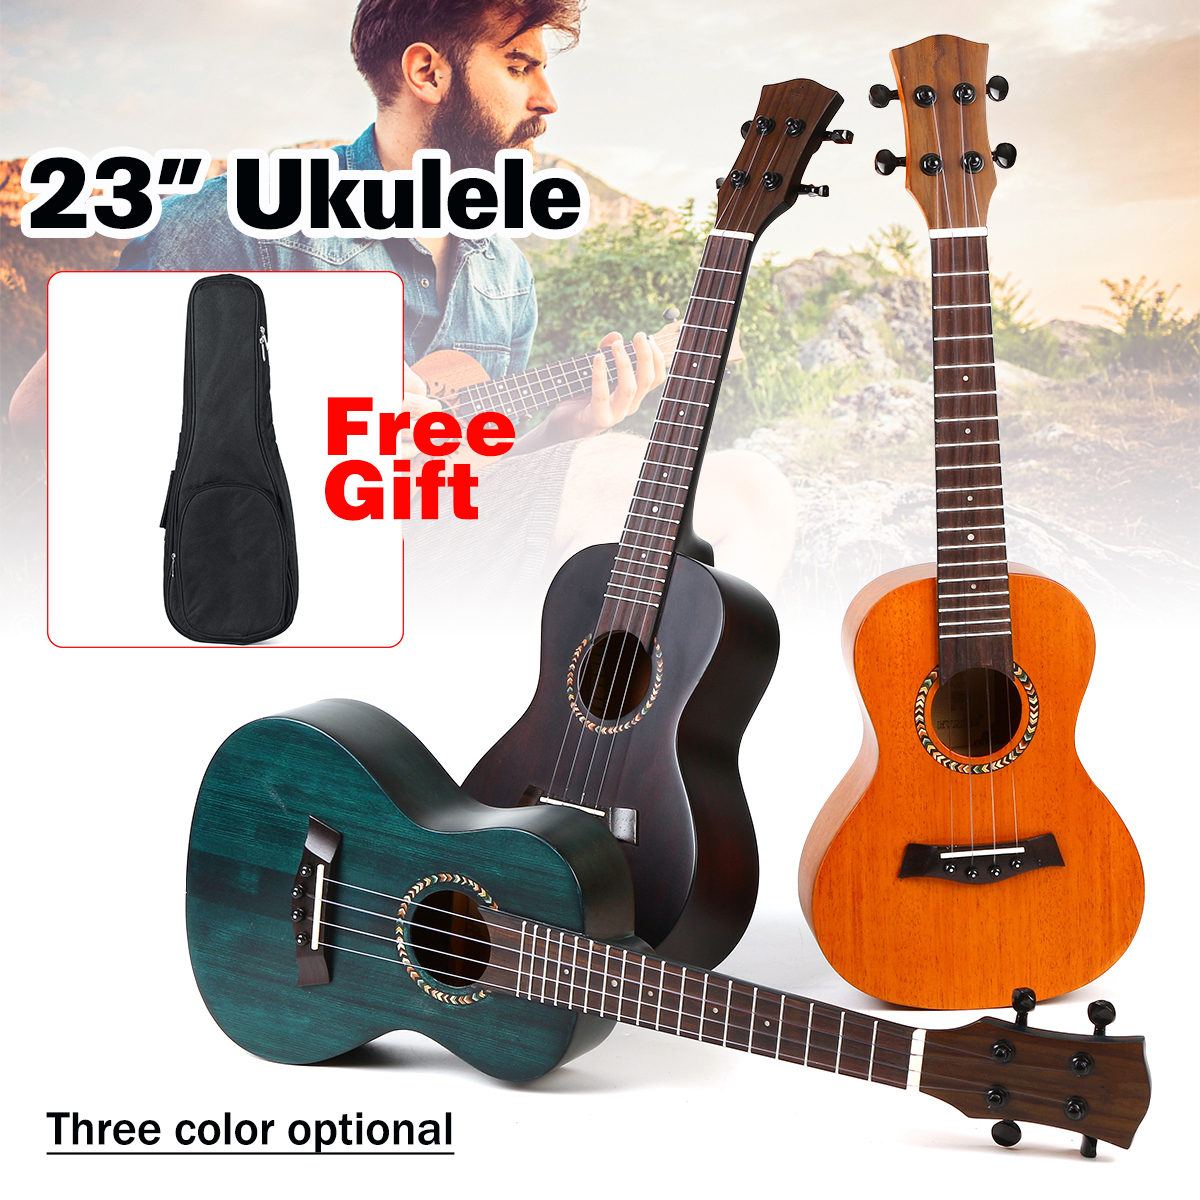 Ukulélé de Concert professionnel 23 pouces 4 cordes guitare acoustique acajou Ukelele guitare hawaïenne Mini Instrument de guitare + sac cadeau